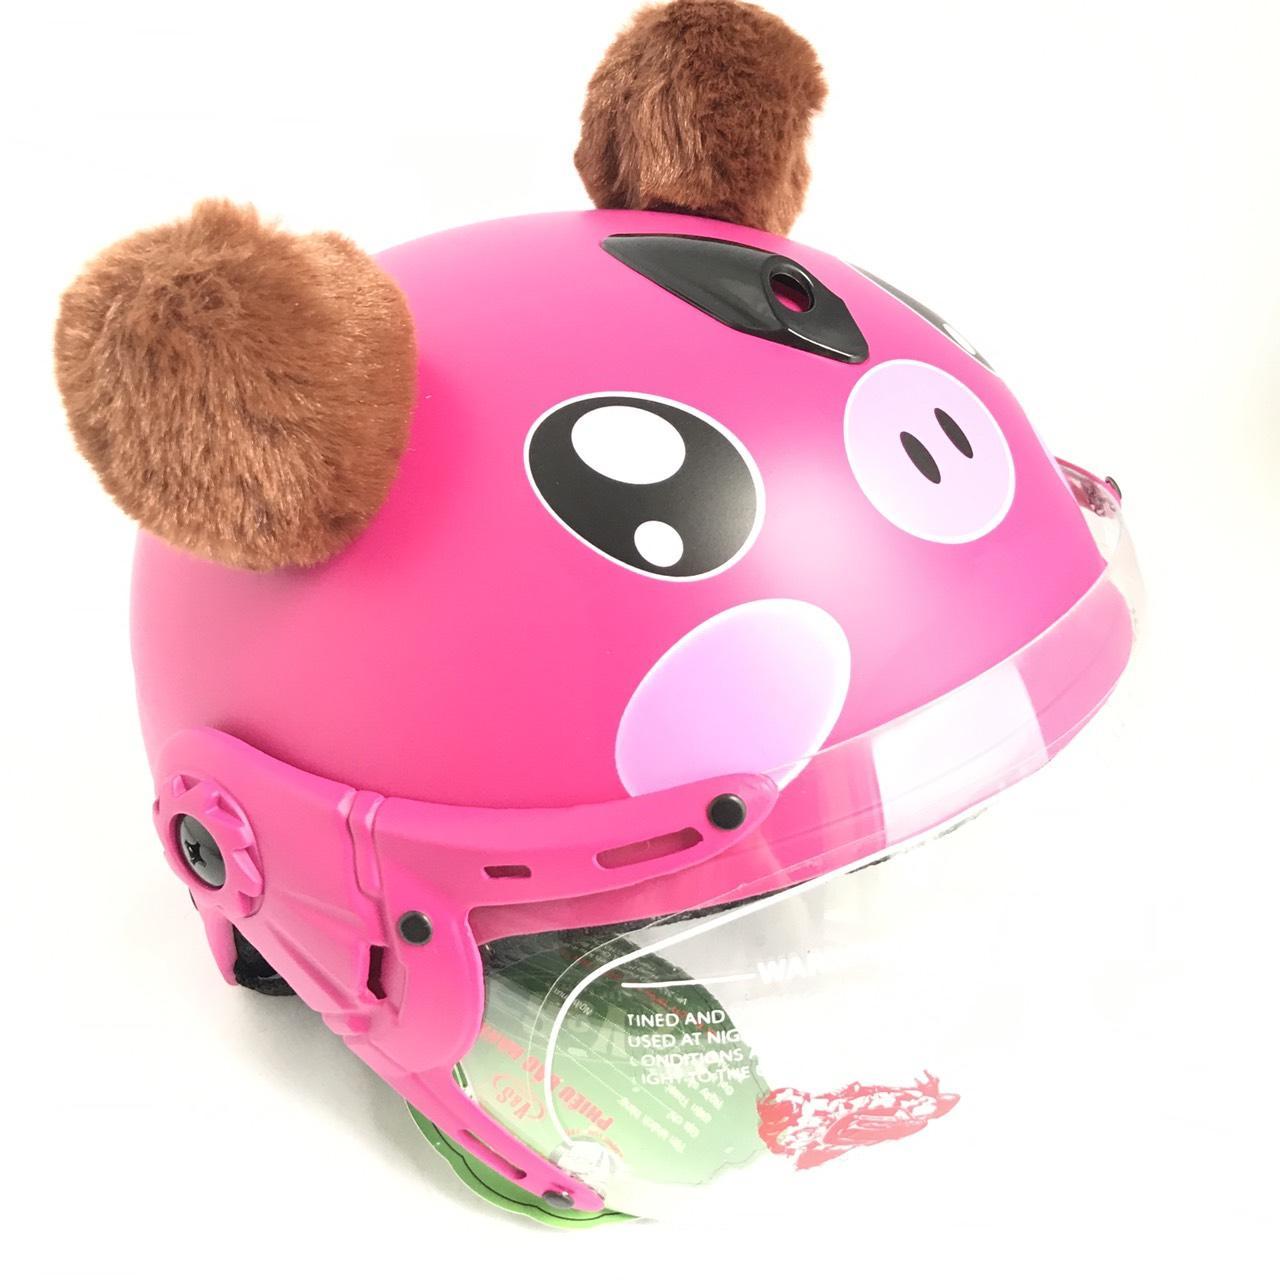 Giá bán Mũ bảo hiểm trẻ em có kính VS hình heo dễ thương cho bé từ 3-6 tuổi